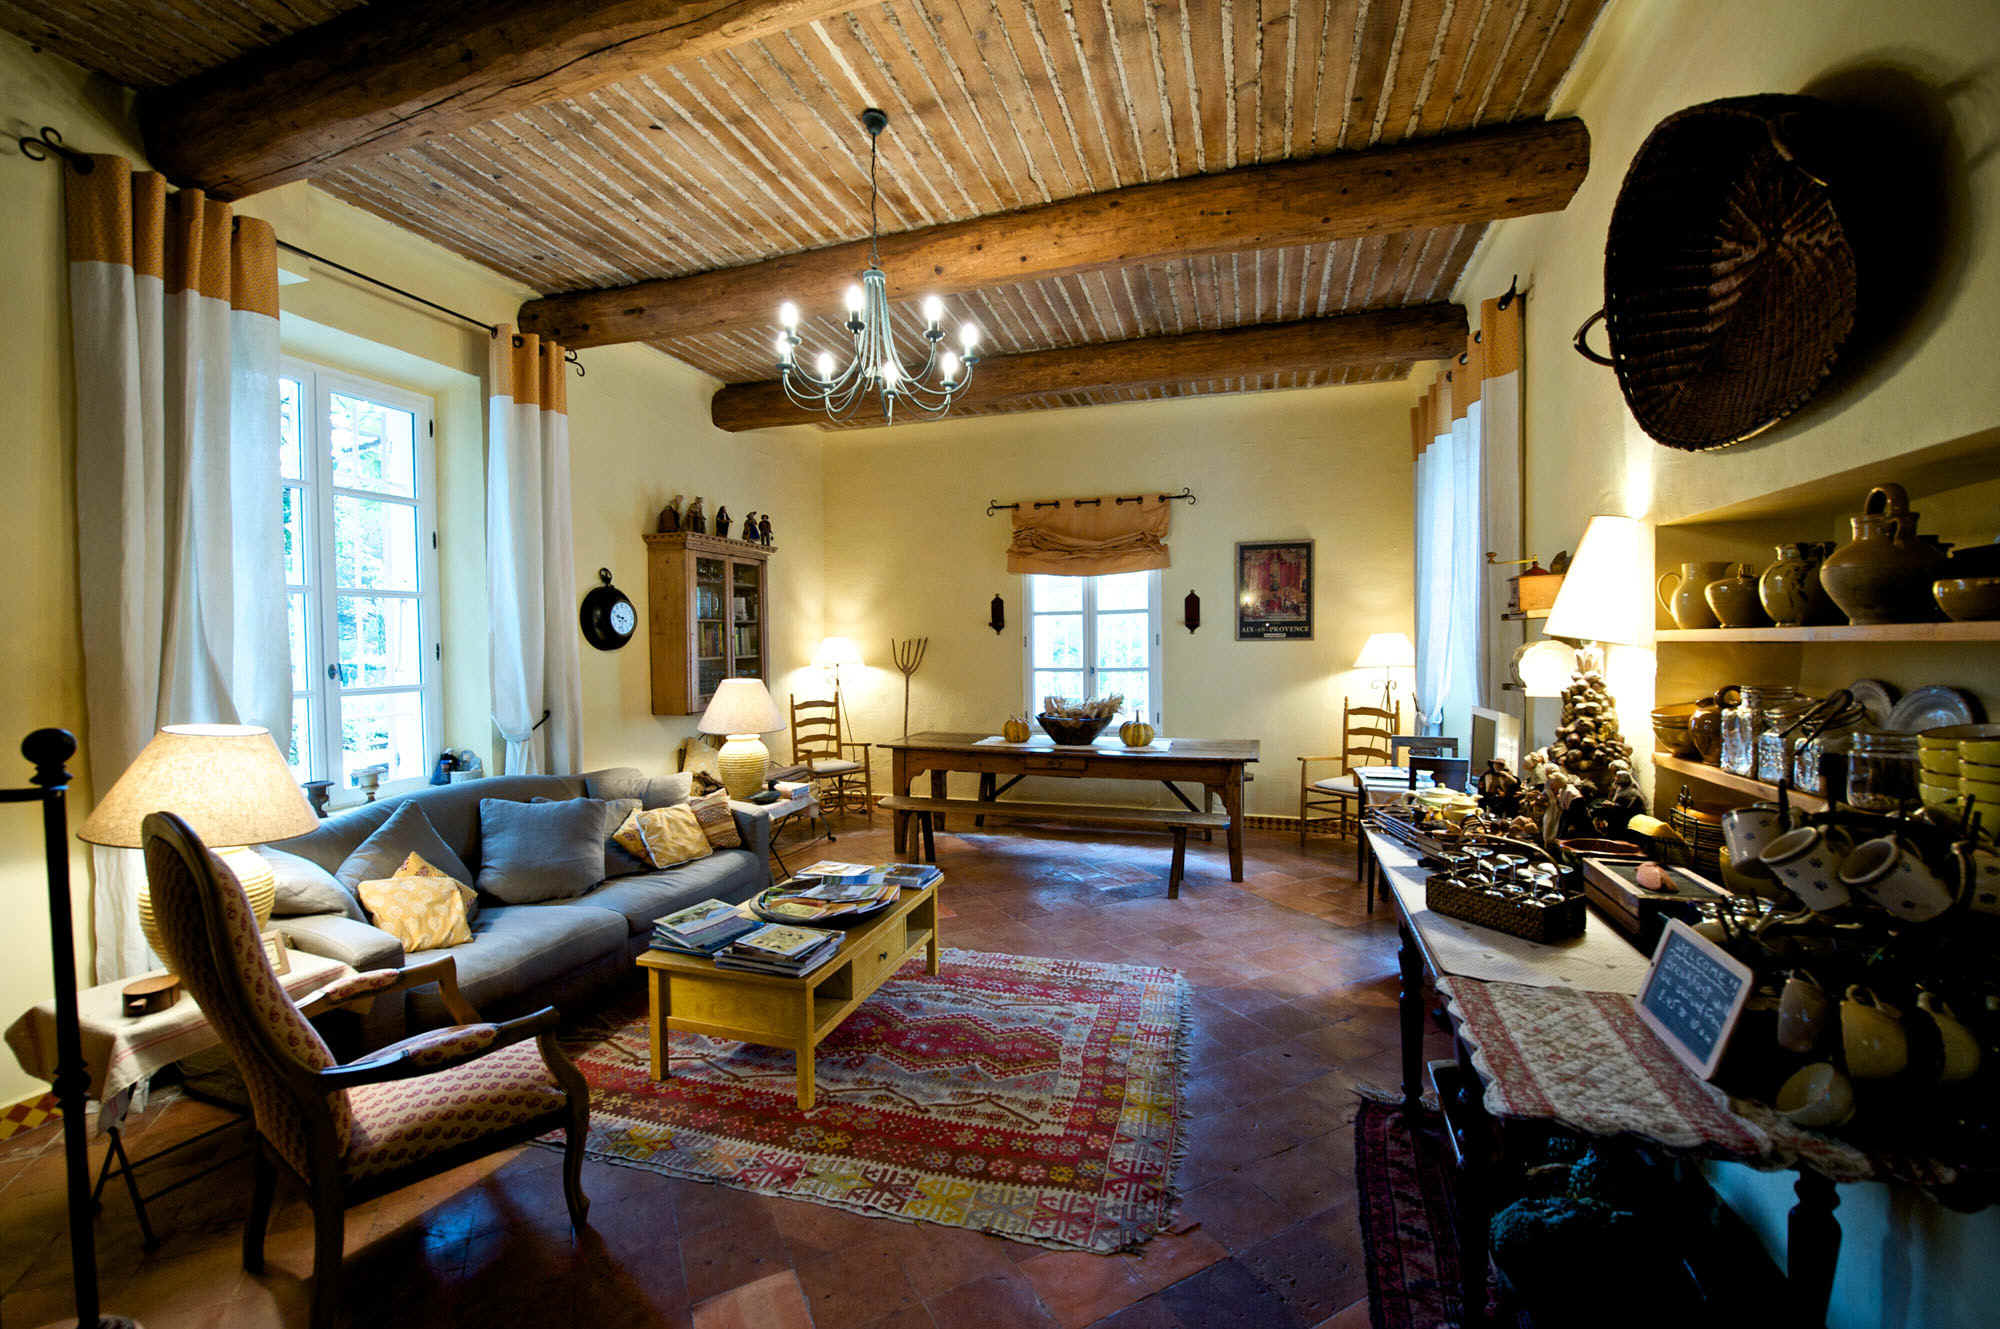 Stile rustico questo stile ha un tocco unico home for Nuove case in stile ranch